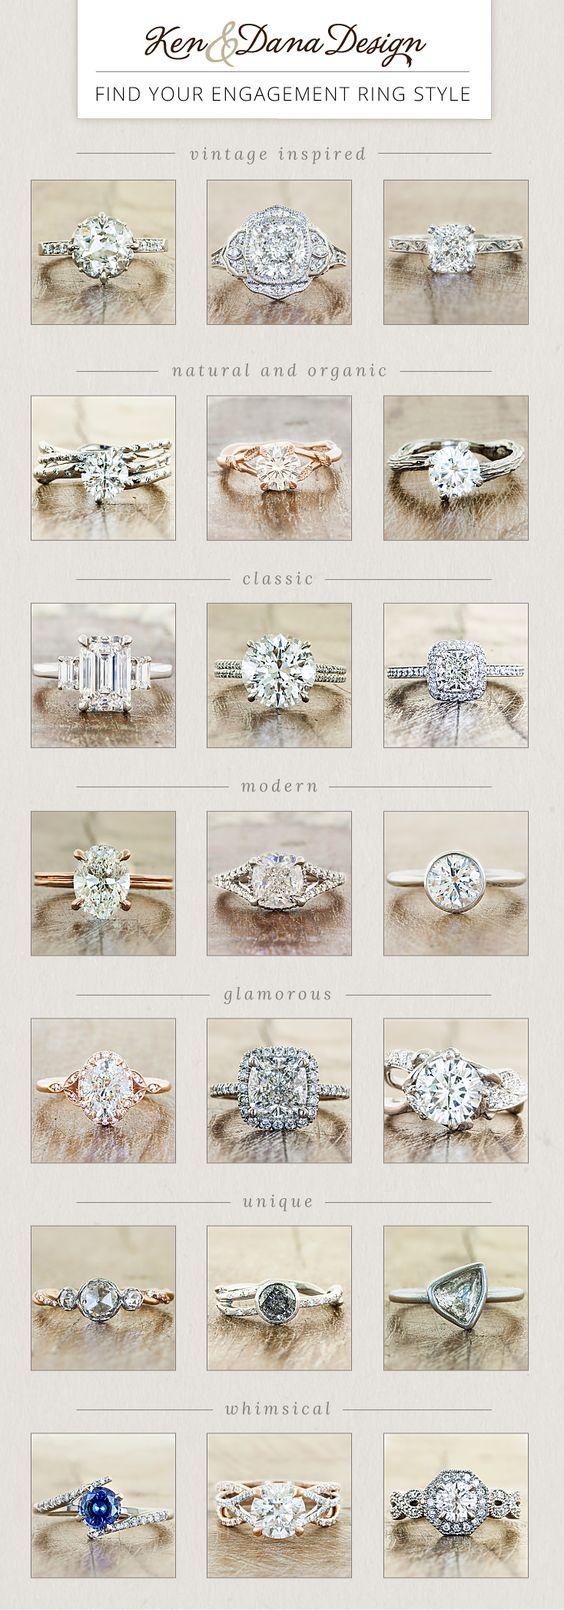 Намерете стил на годежен пръстен - независимо дали е вдъхновен от природата, реколта, модерна и др.  от Кен & Дана Дизайн.